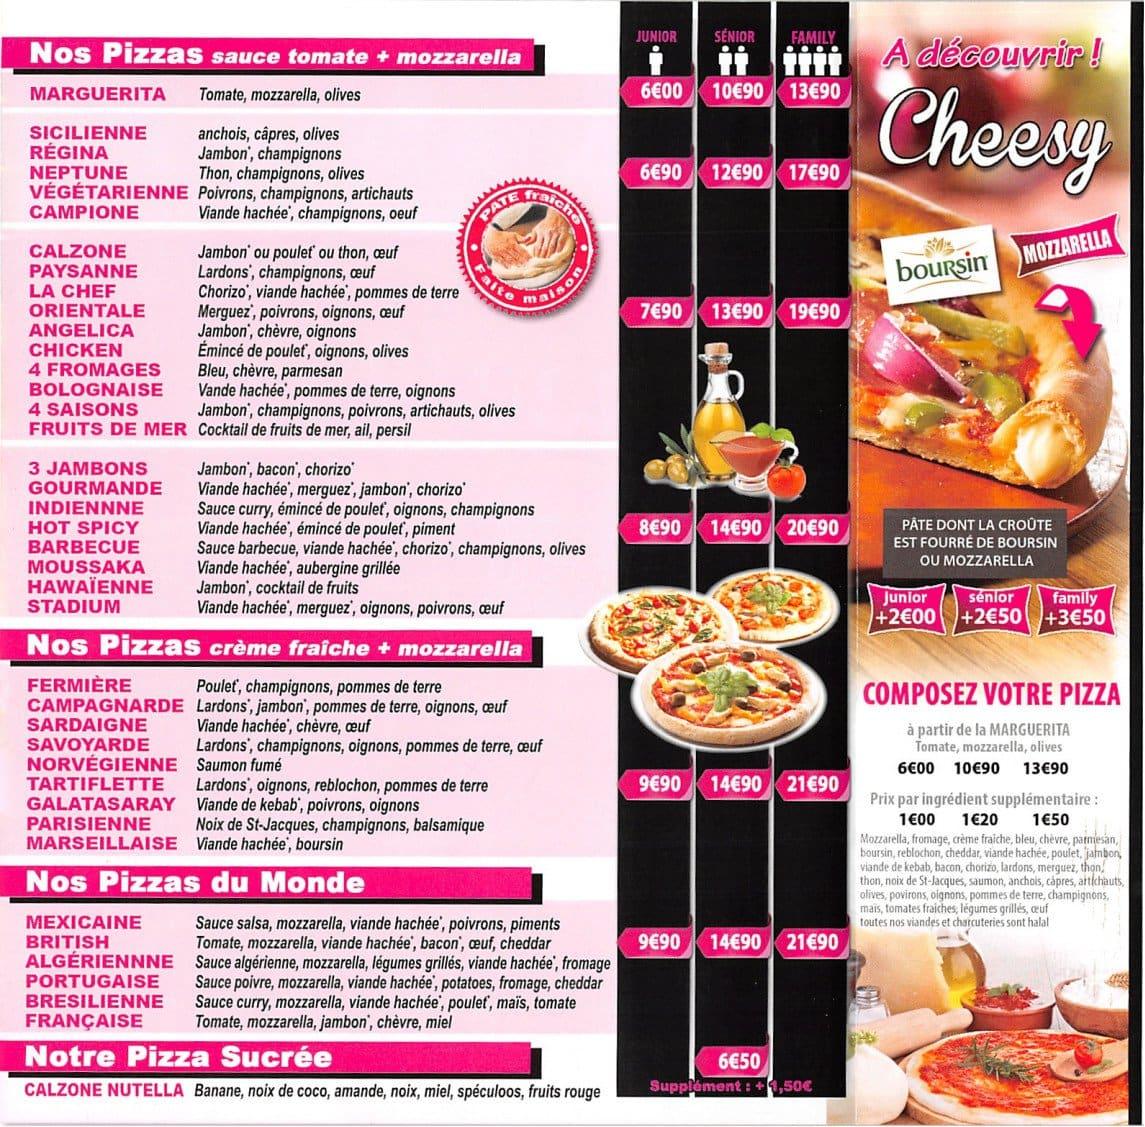 Pizzeria Domino Aulnay Sous Bois u2013 Myqto com # Le Cercle Pizza Aulnay Sous Bois